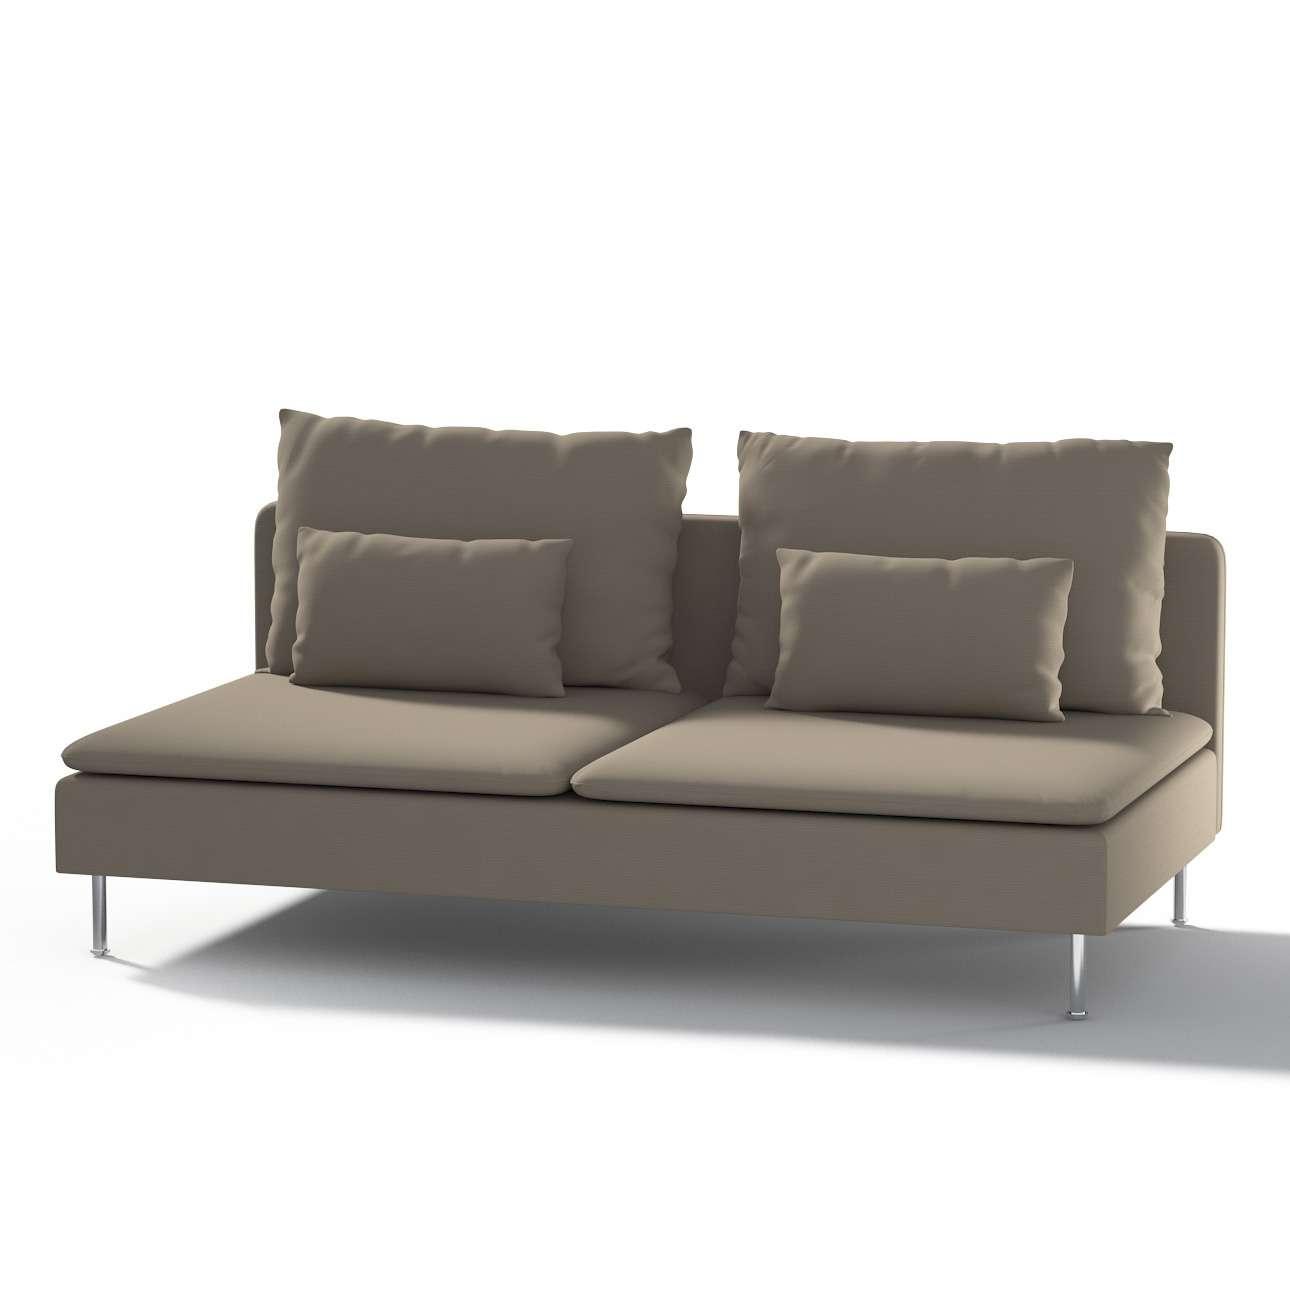 Bezug für Söderhamn Sitzelement 3 von der Kollektion Cotton Panama, Stoff: 702-28